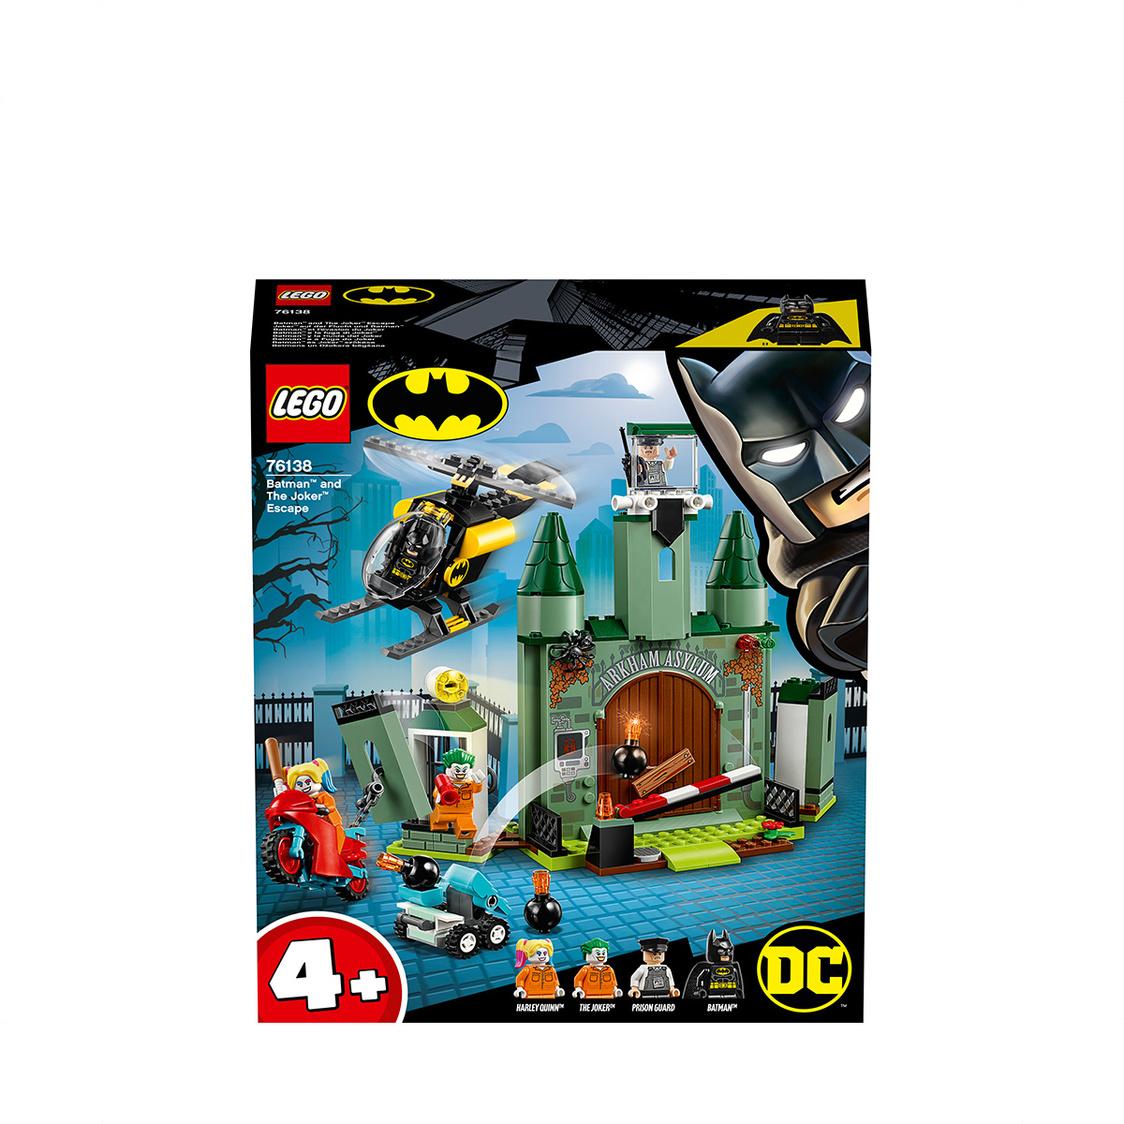 LEGO Batman - Batman And The Joker Escape 76138 V29